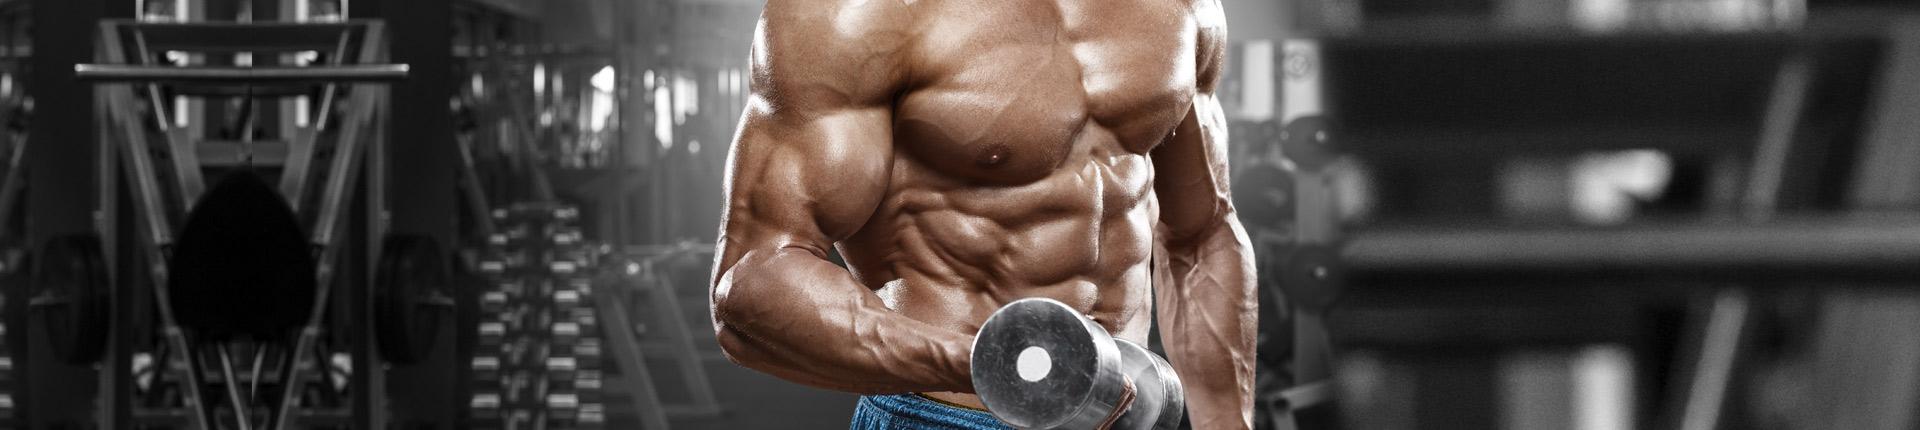 Trening podczas redukcji tkanki tłuszczowej